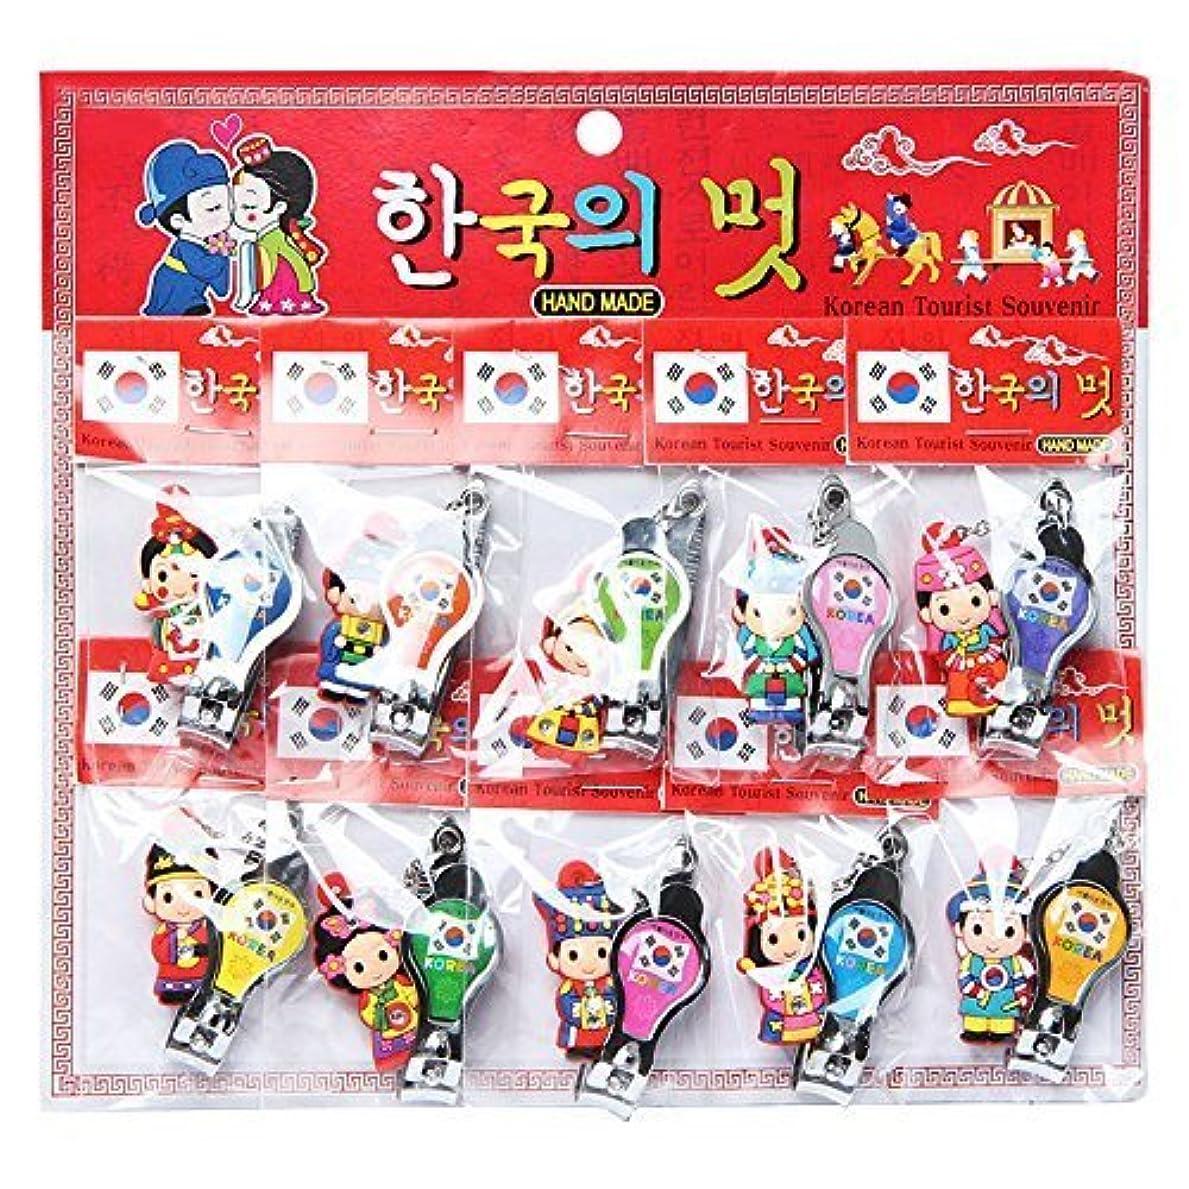 ゲートウェイベールナチュラルKOREA style Nail clippers / 韓国のお土産ギフト [並行輸入品]